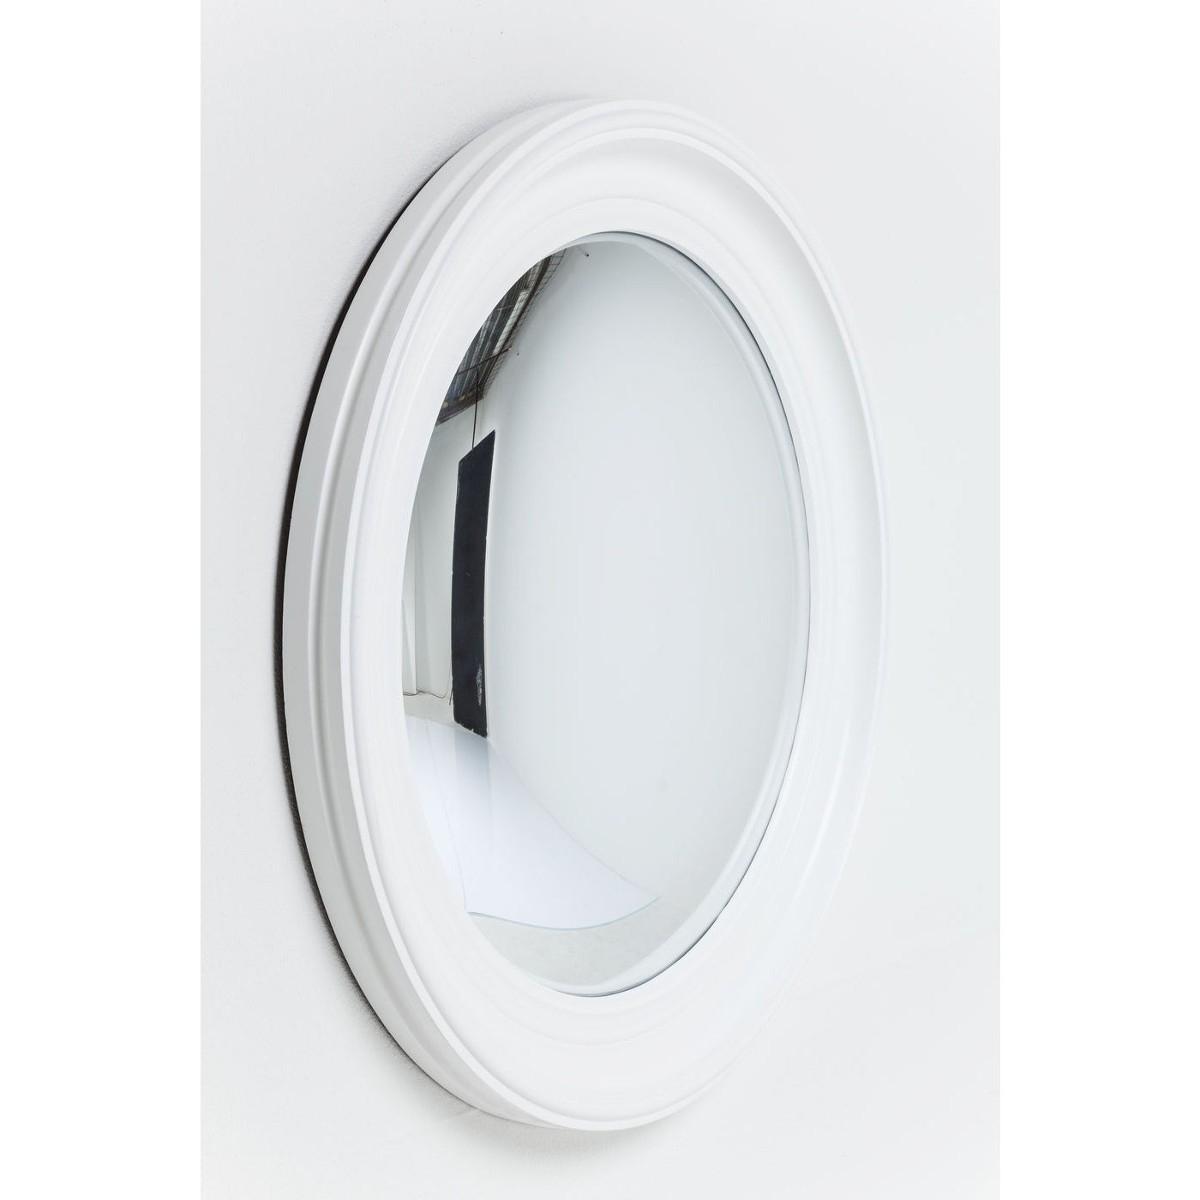 White Convex Mirror Mirrors Accessories Caseys Furniture Inside White Convex Mirror (Image 14 of 15)